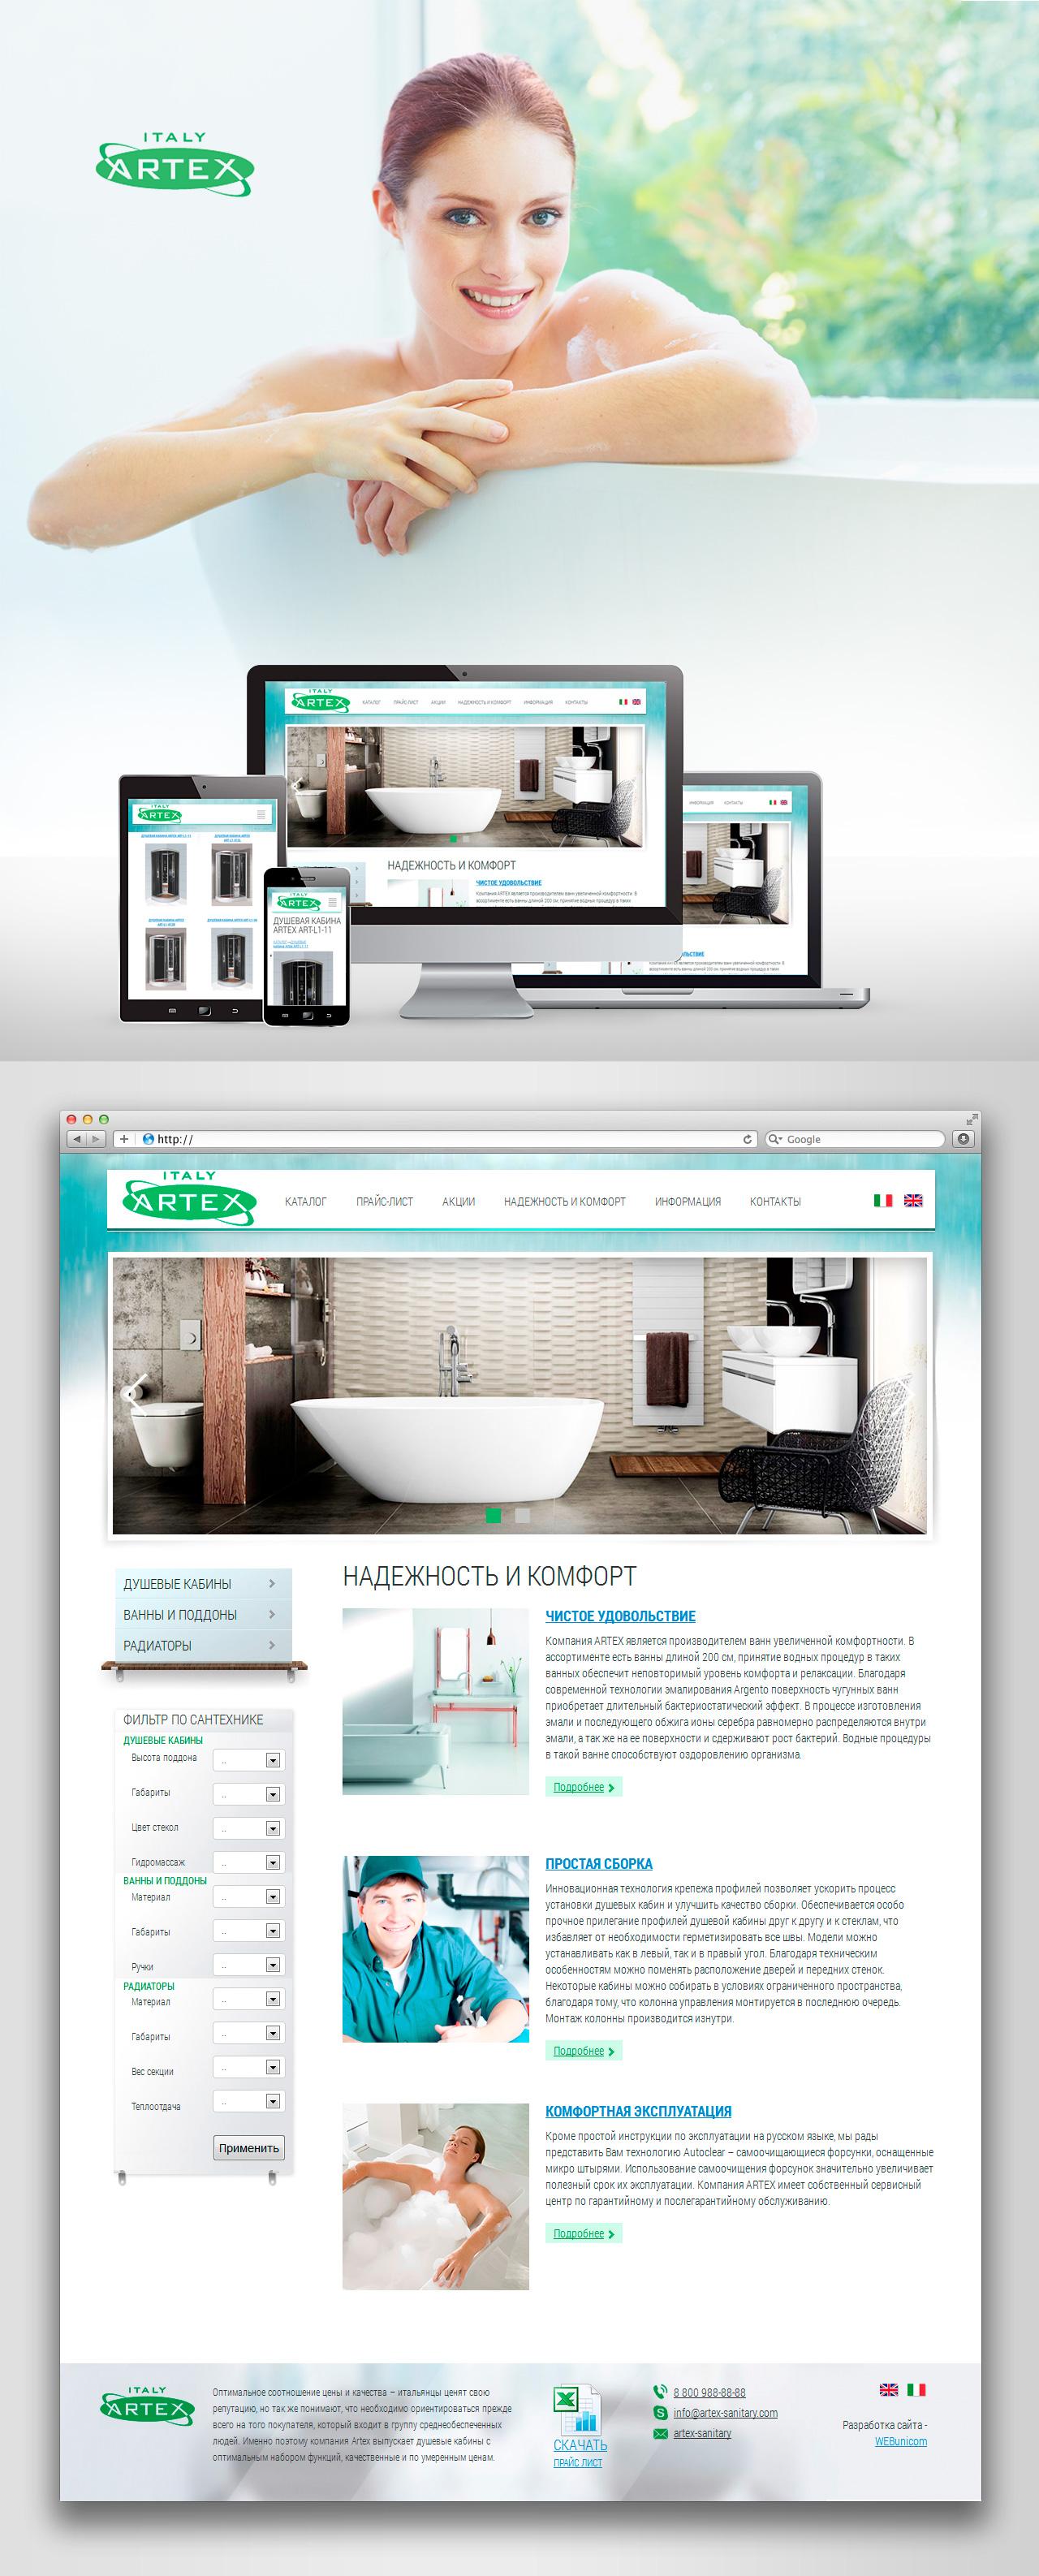 Разработка интернет-магазина  официального бренда Artex